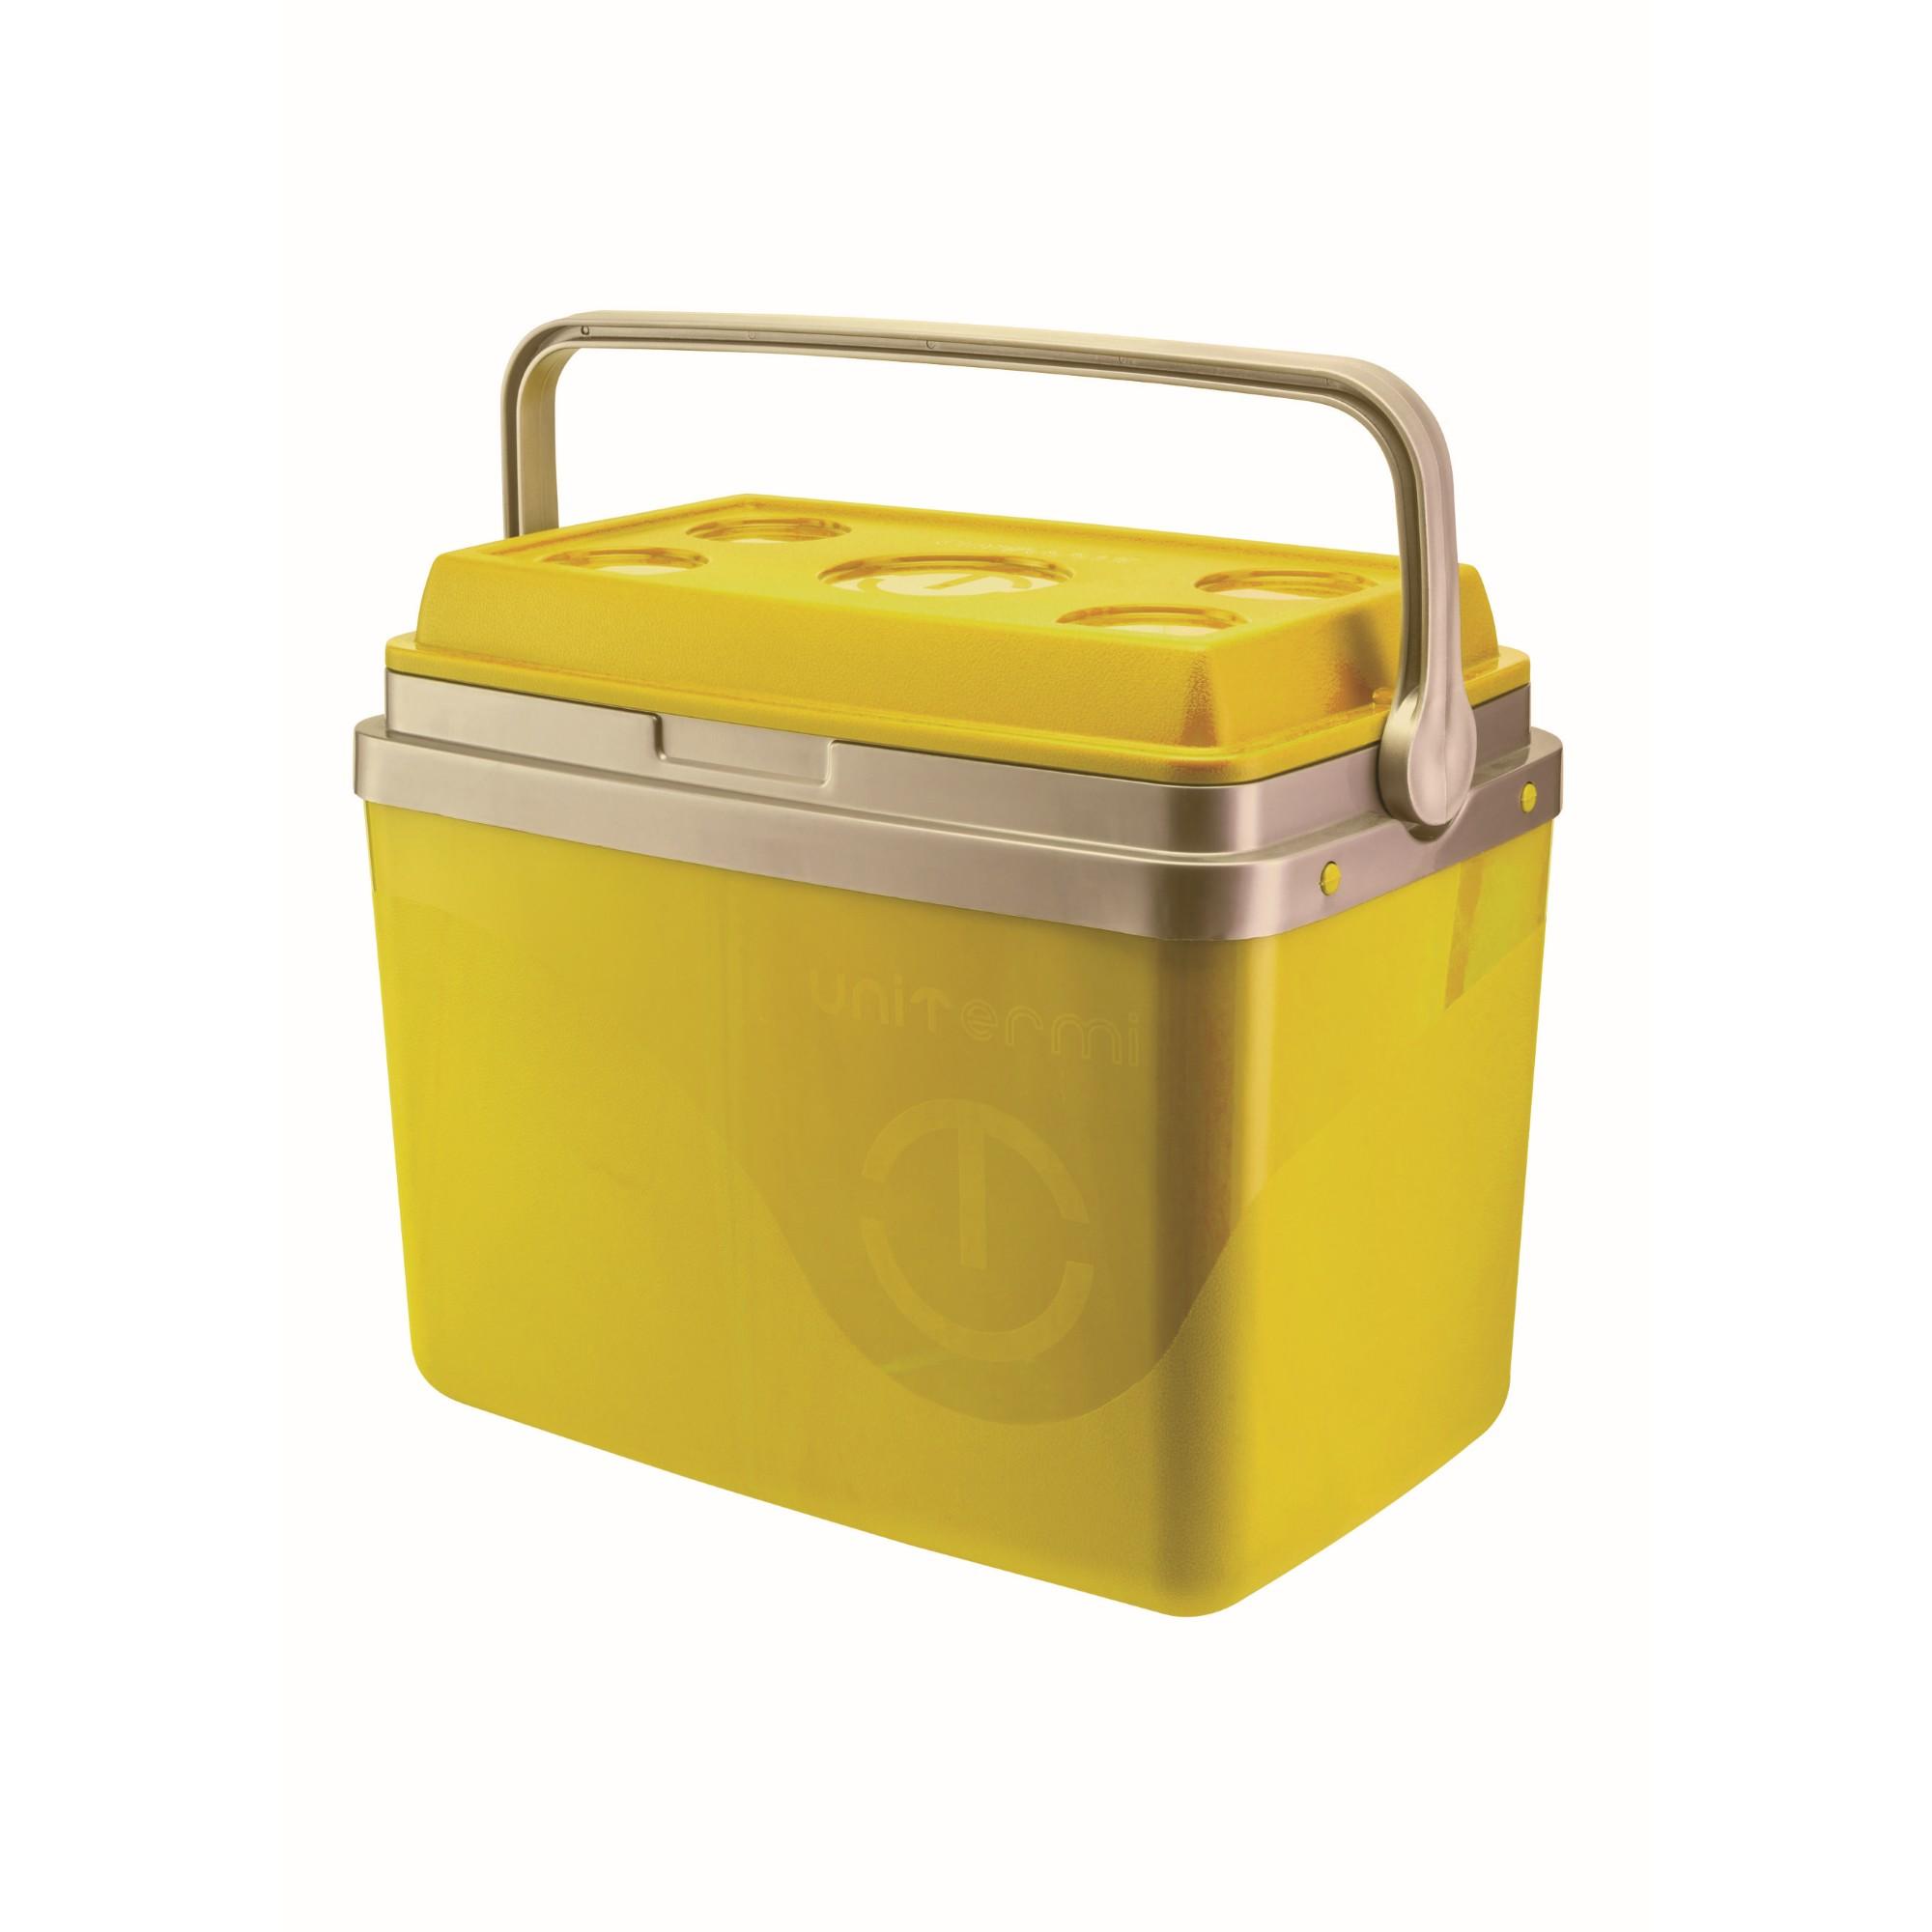 Caixa Termica Plastico 32L Amarela 71105 - Unitermi